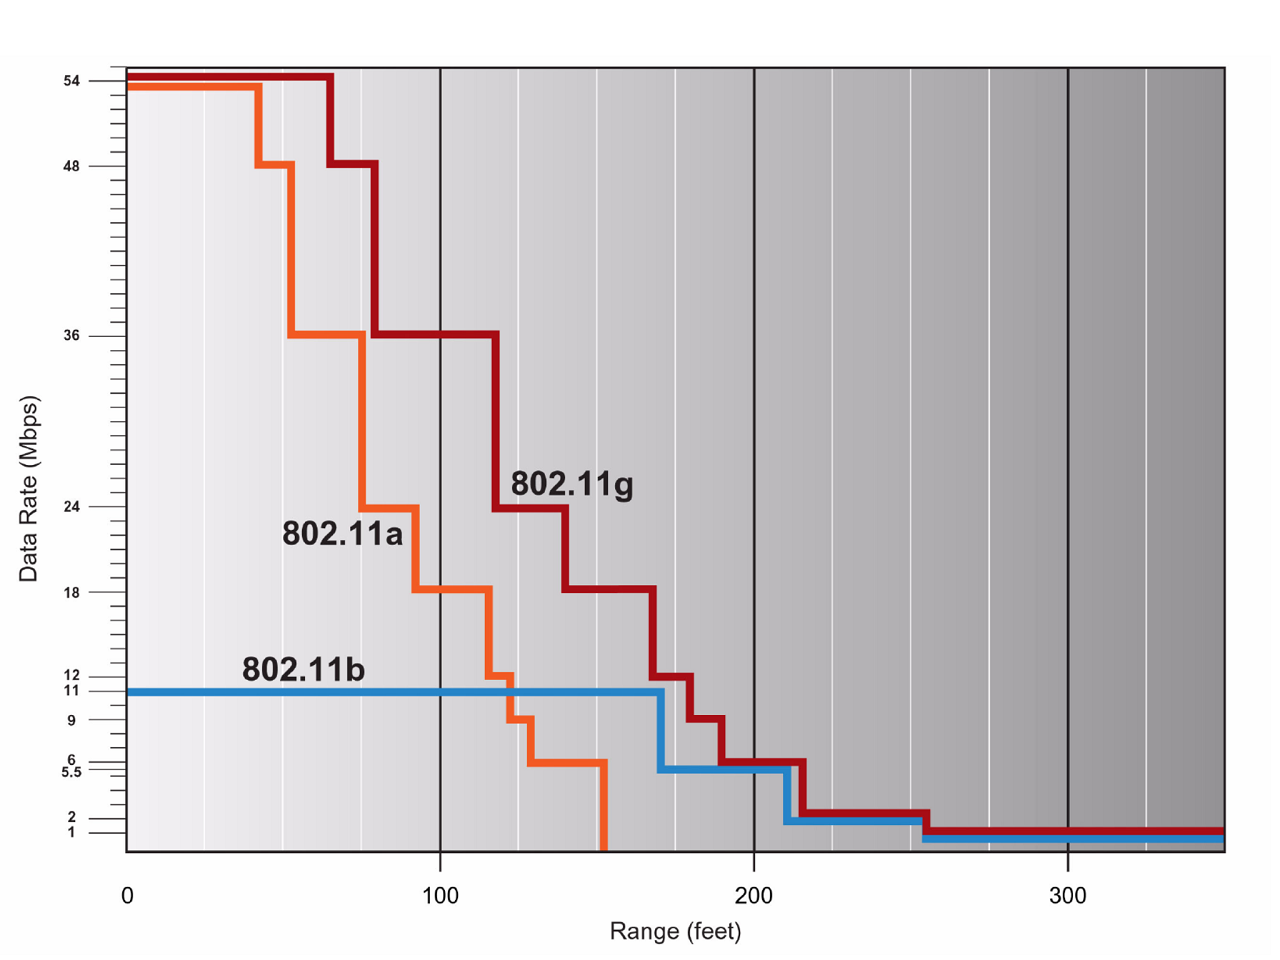 """距離と転送速度はおおむね反比例する傾向にあり、必要な速度によって到達距離の限界が決まることになる。出展はBroadcomの""""<a href=""""http://ant.comm.ccu.edu.tw/course/92_WLAN/2_White_Paper/IEEE802.11g,%20The%20next%20mainstream%20wireless%20LAN%20standard.pdf"""" class=""""n"""" target=""""_blank"""">IEEE 802.11g The New Mainstream Wireless LAN Standard</a>"""""""